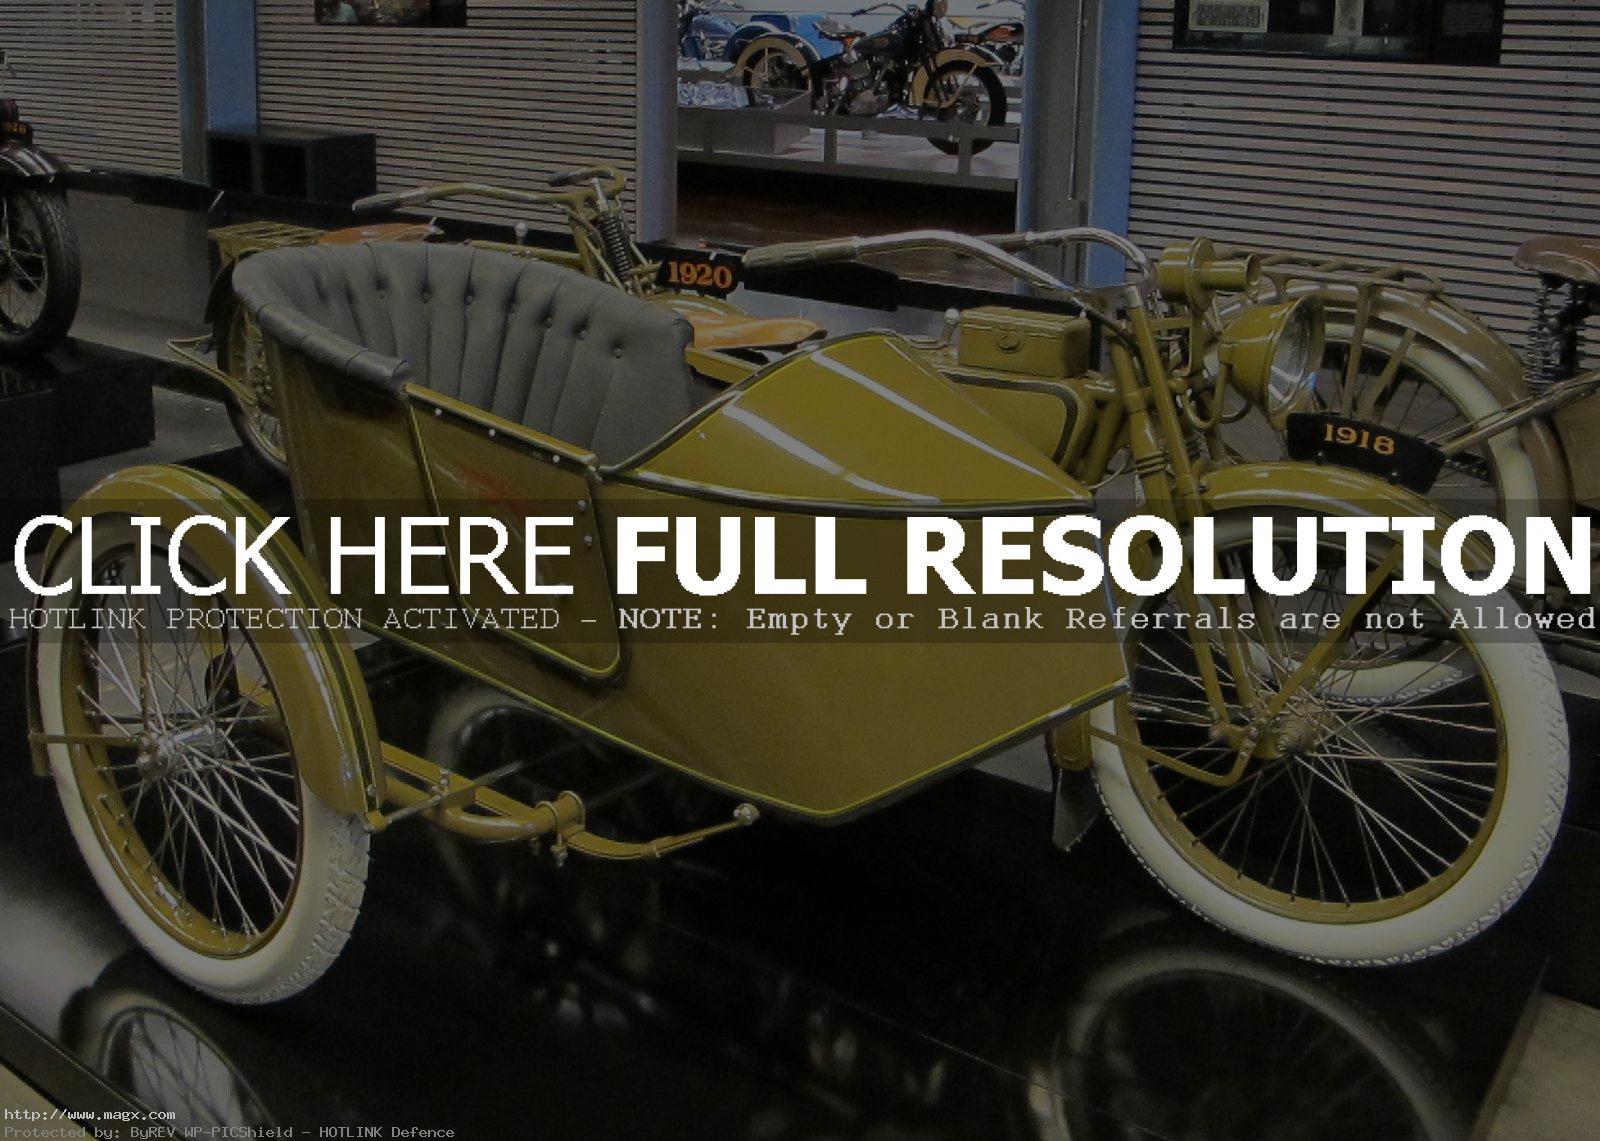 harley davidson museum3 Harley Davidson Museum in Milwaukee